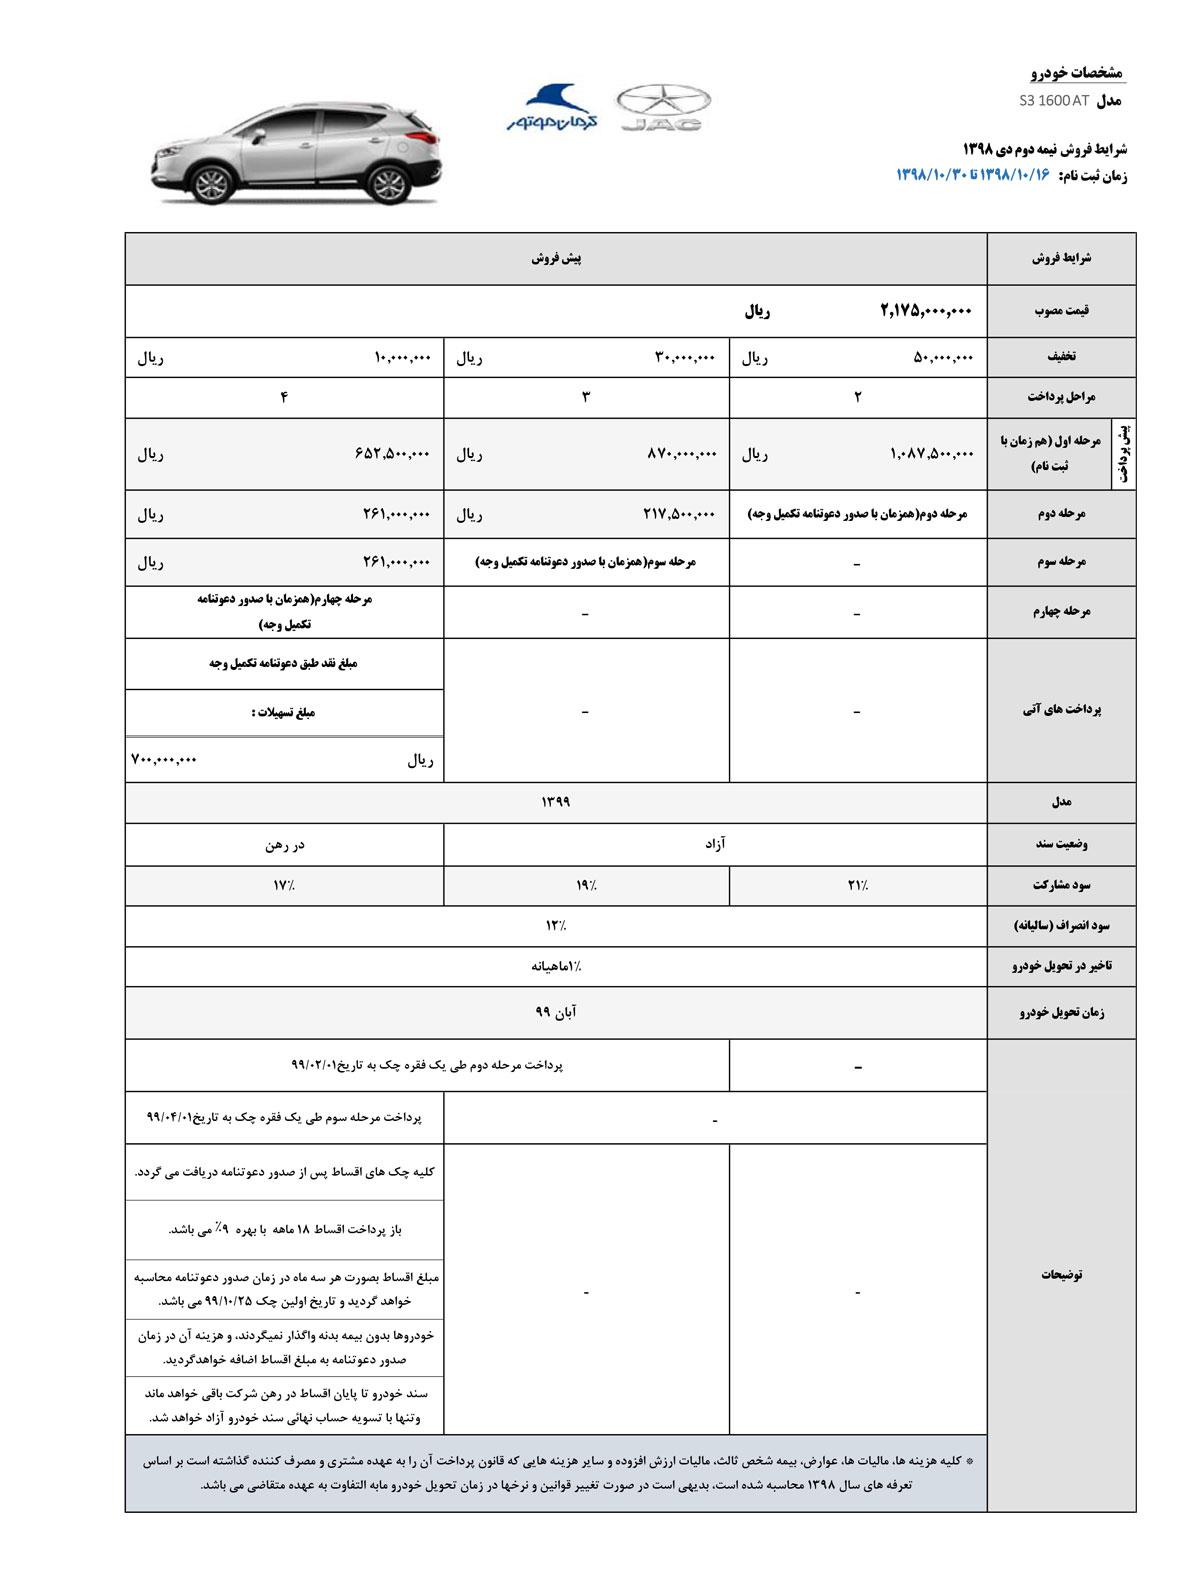 شرایط فروش جک S3 کرمان موتور ویژه نمیه دوم دی ماه 98